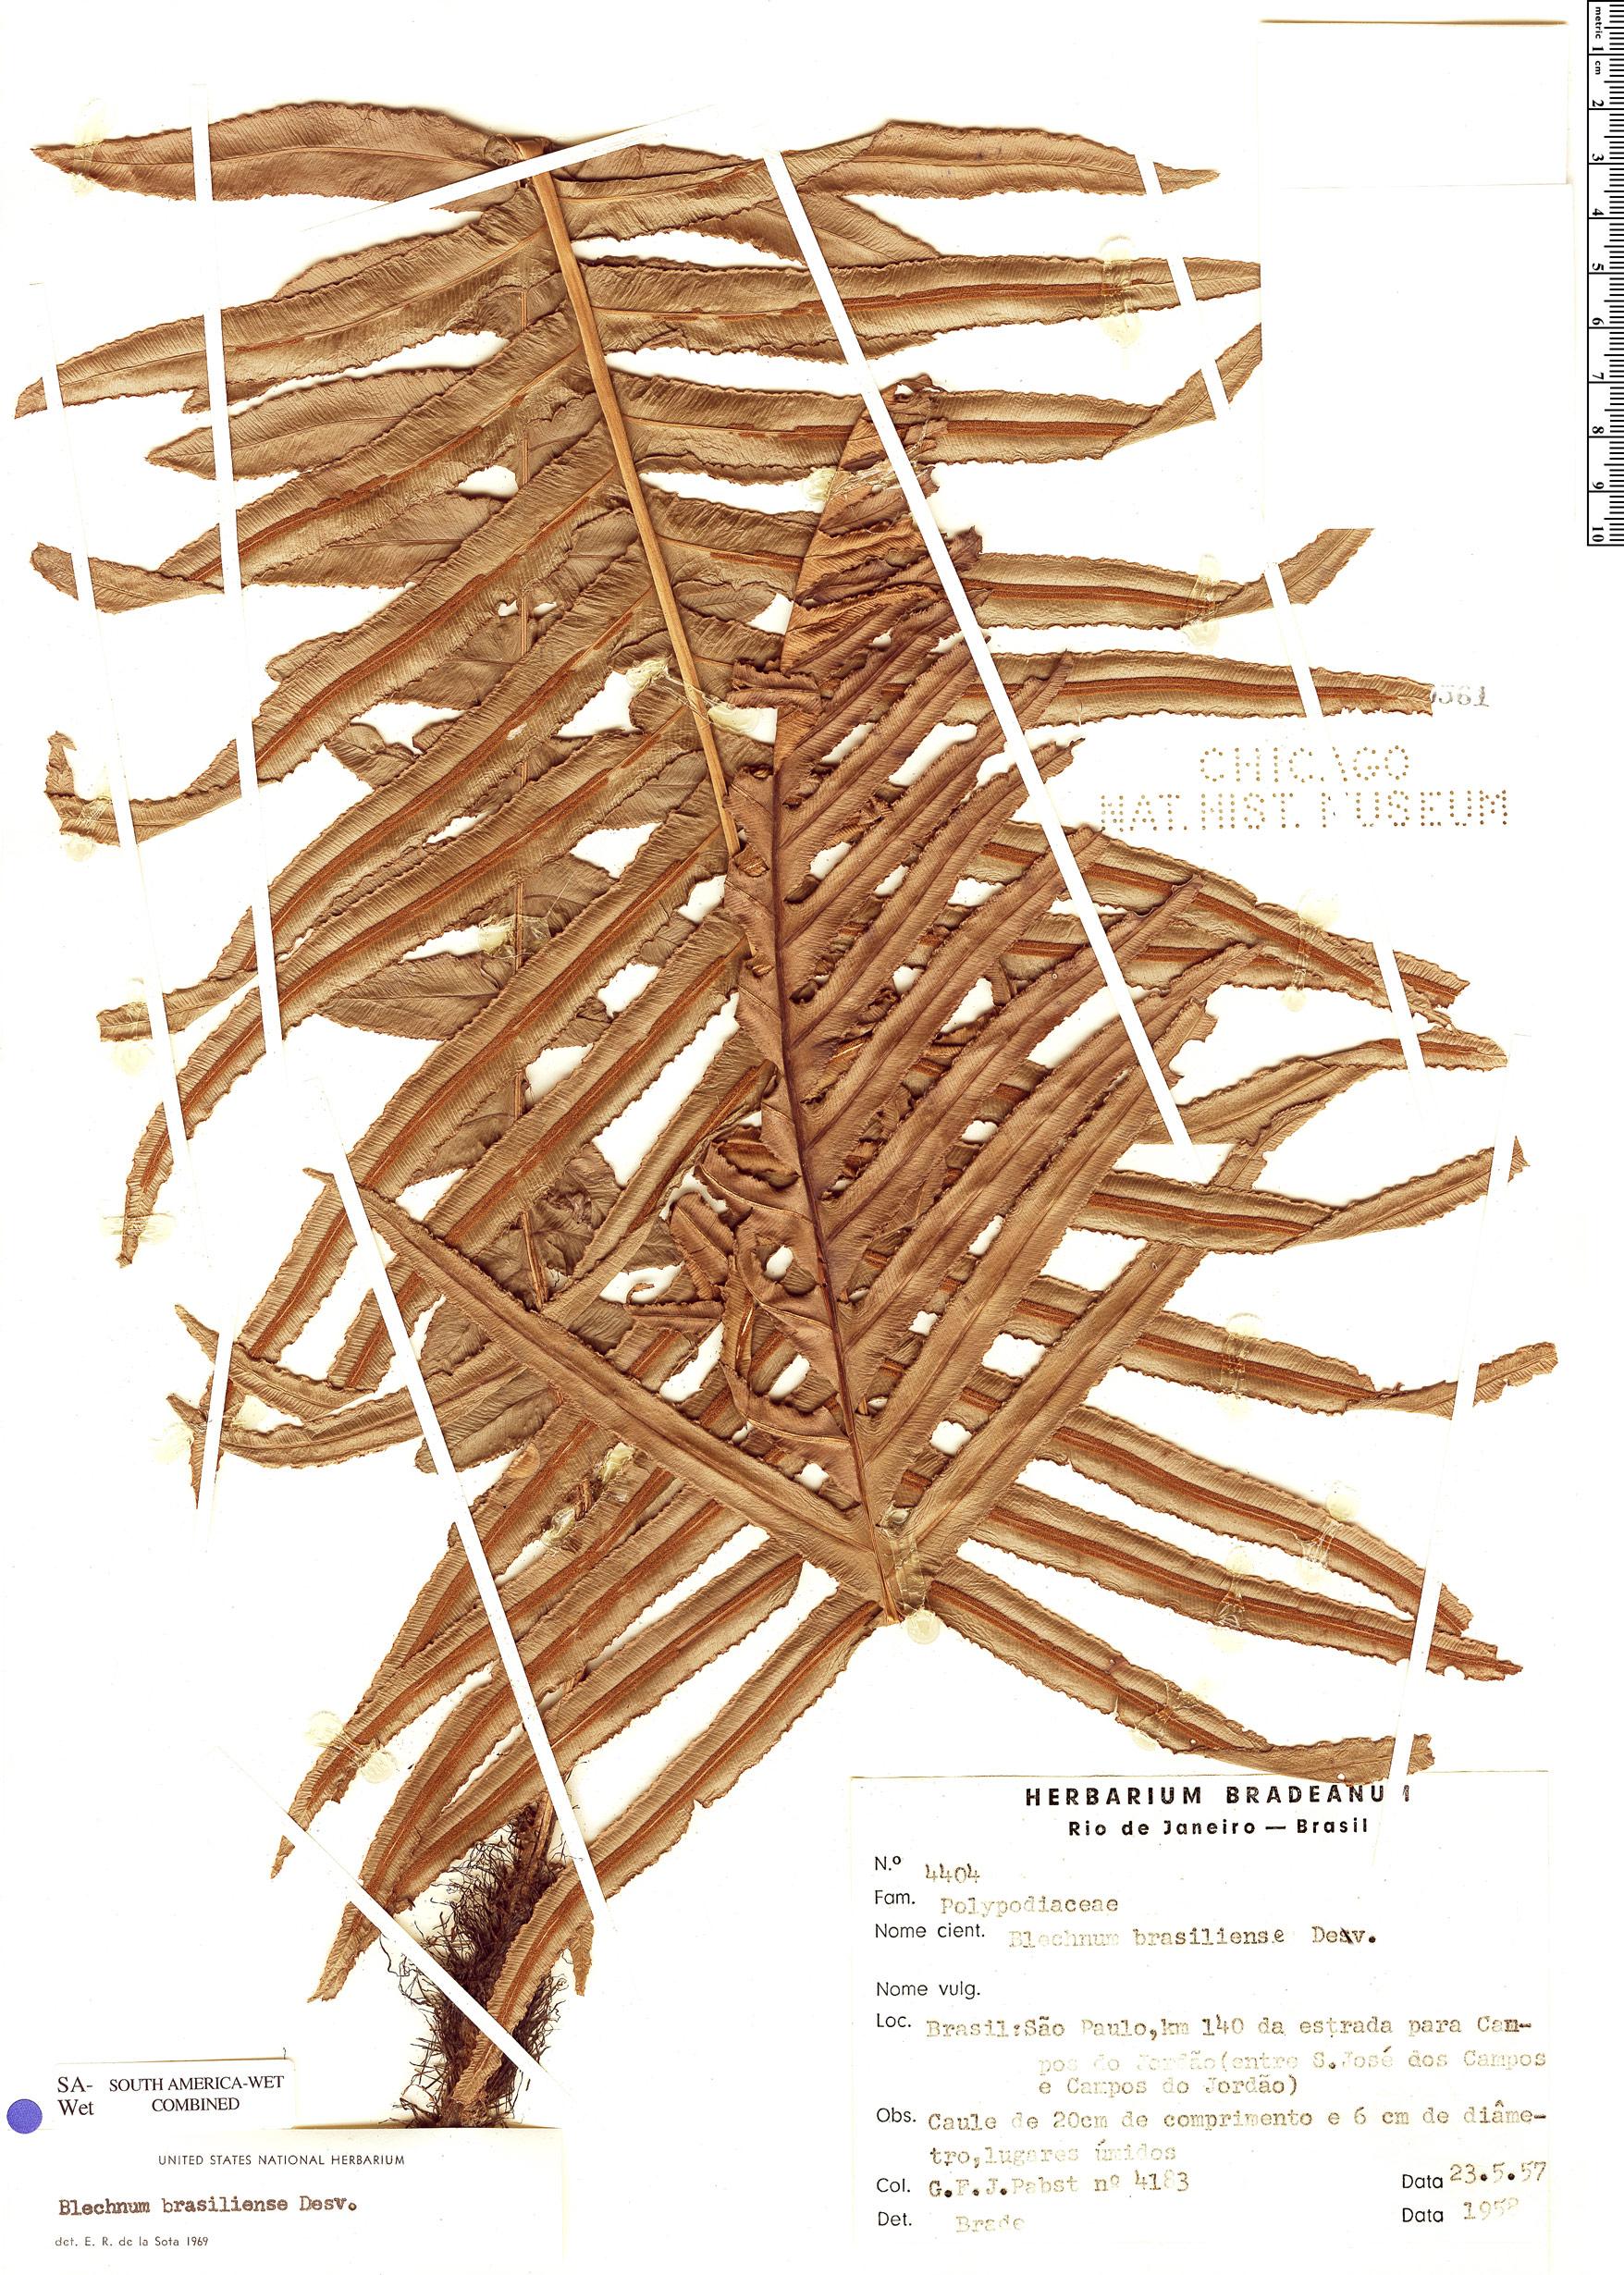 Specimen: Blechnum brasiliense